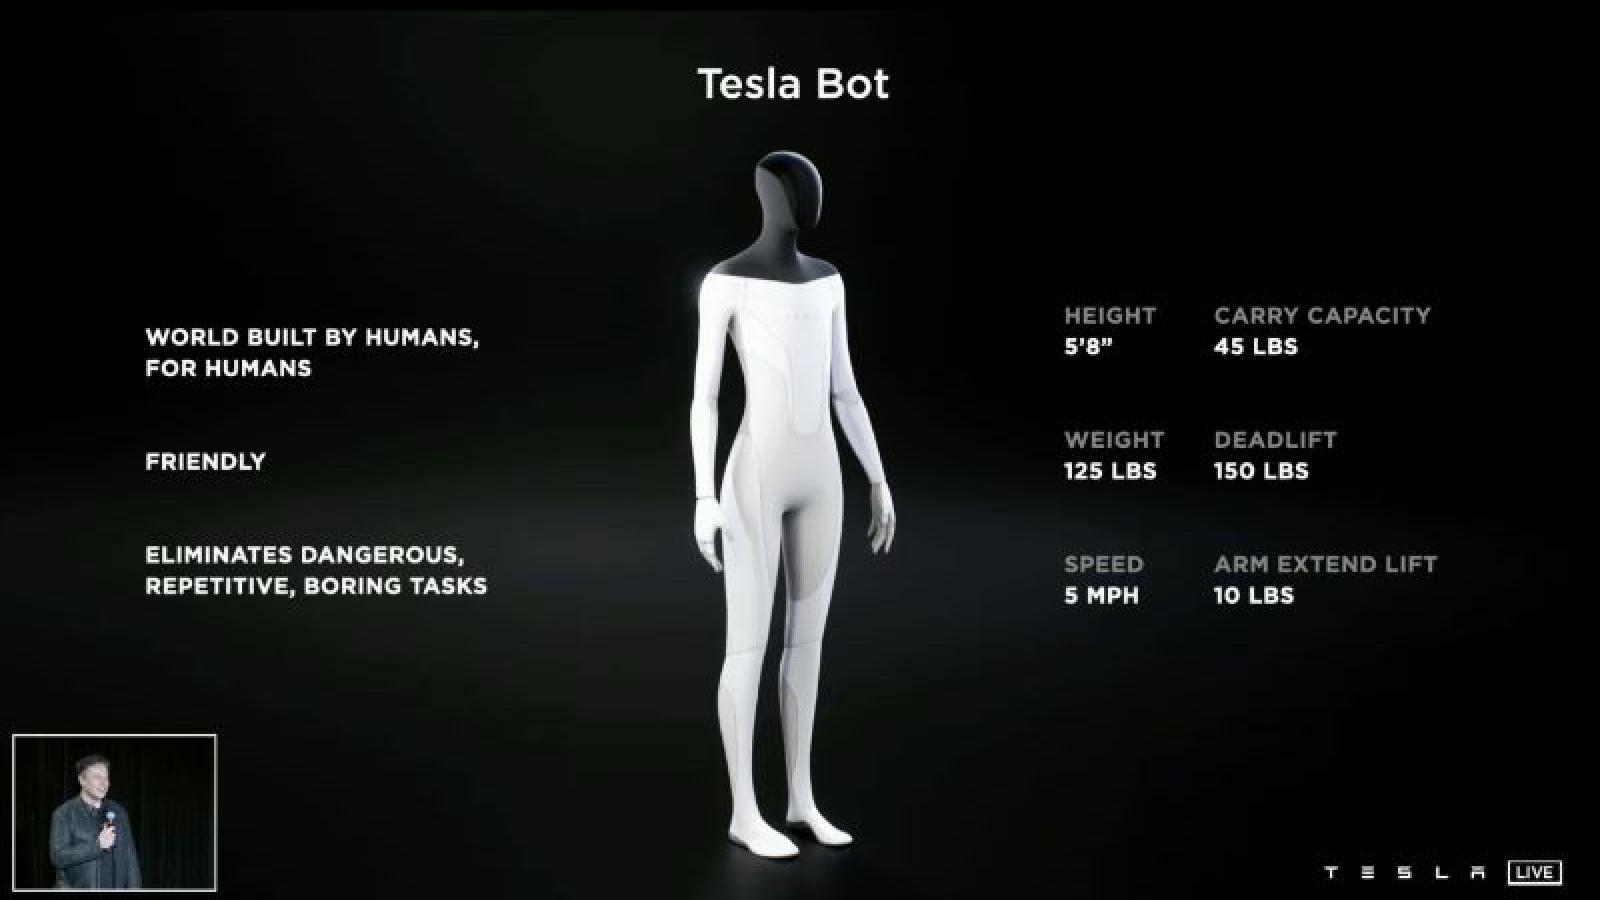 Tesla chuẩn bị ra mắt robot AI hình dạng người